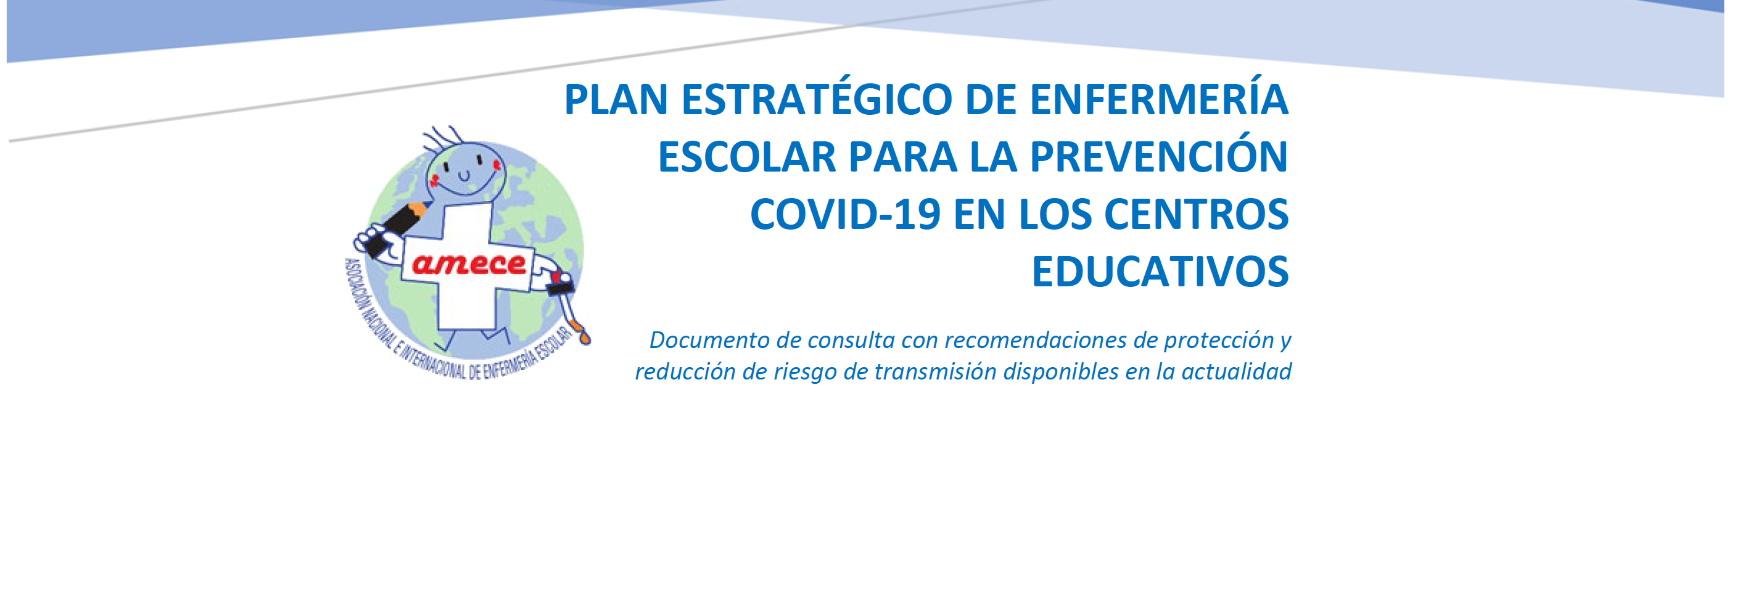 PLAN ESTRATÉGICO DE ENFERMERÍA ESCOLAR PARA LA PREVENCIÓN COVID-19 EN LOS CENTROS EDUCATIVOS